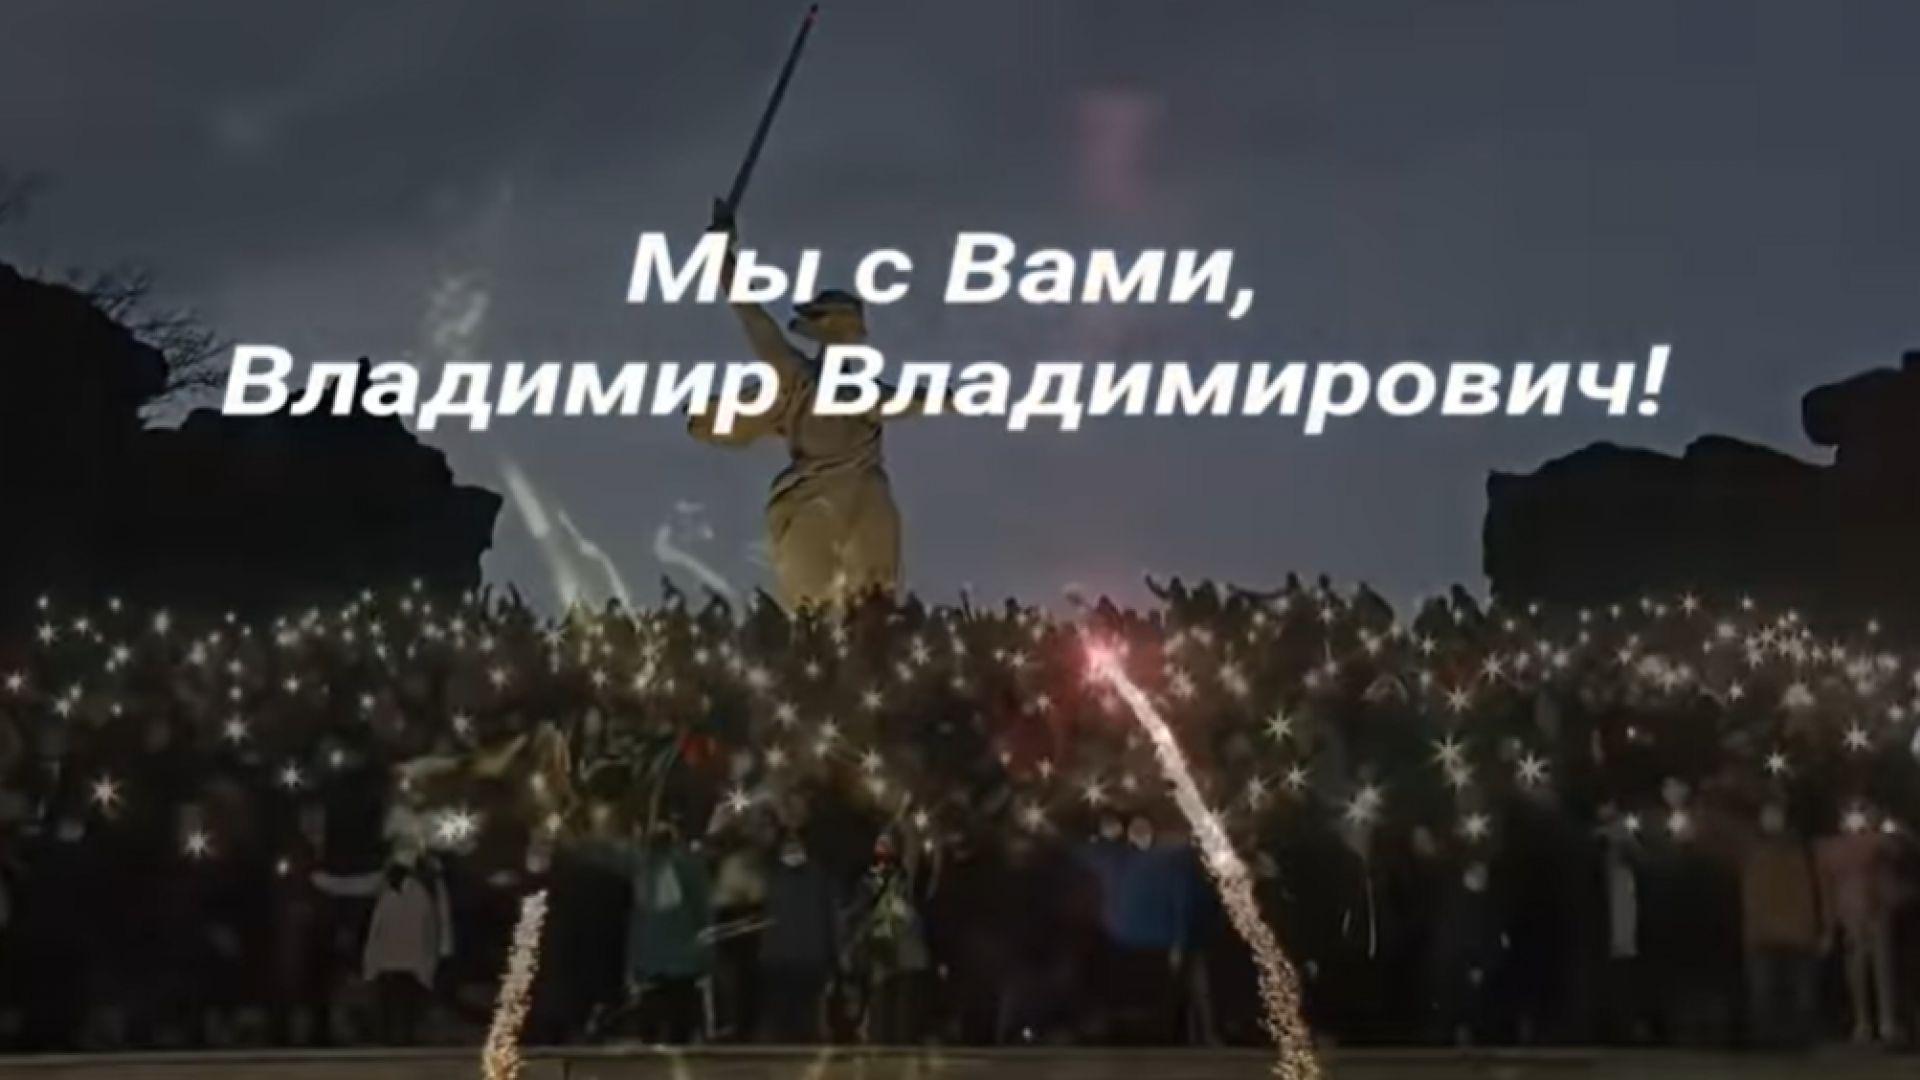 """Излъгали руснаци, че се снимат в клип на """"Любе"""", а той бил в подкрепа на Путин (видео)"""